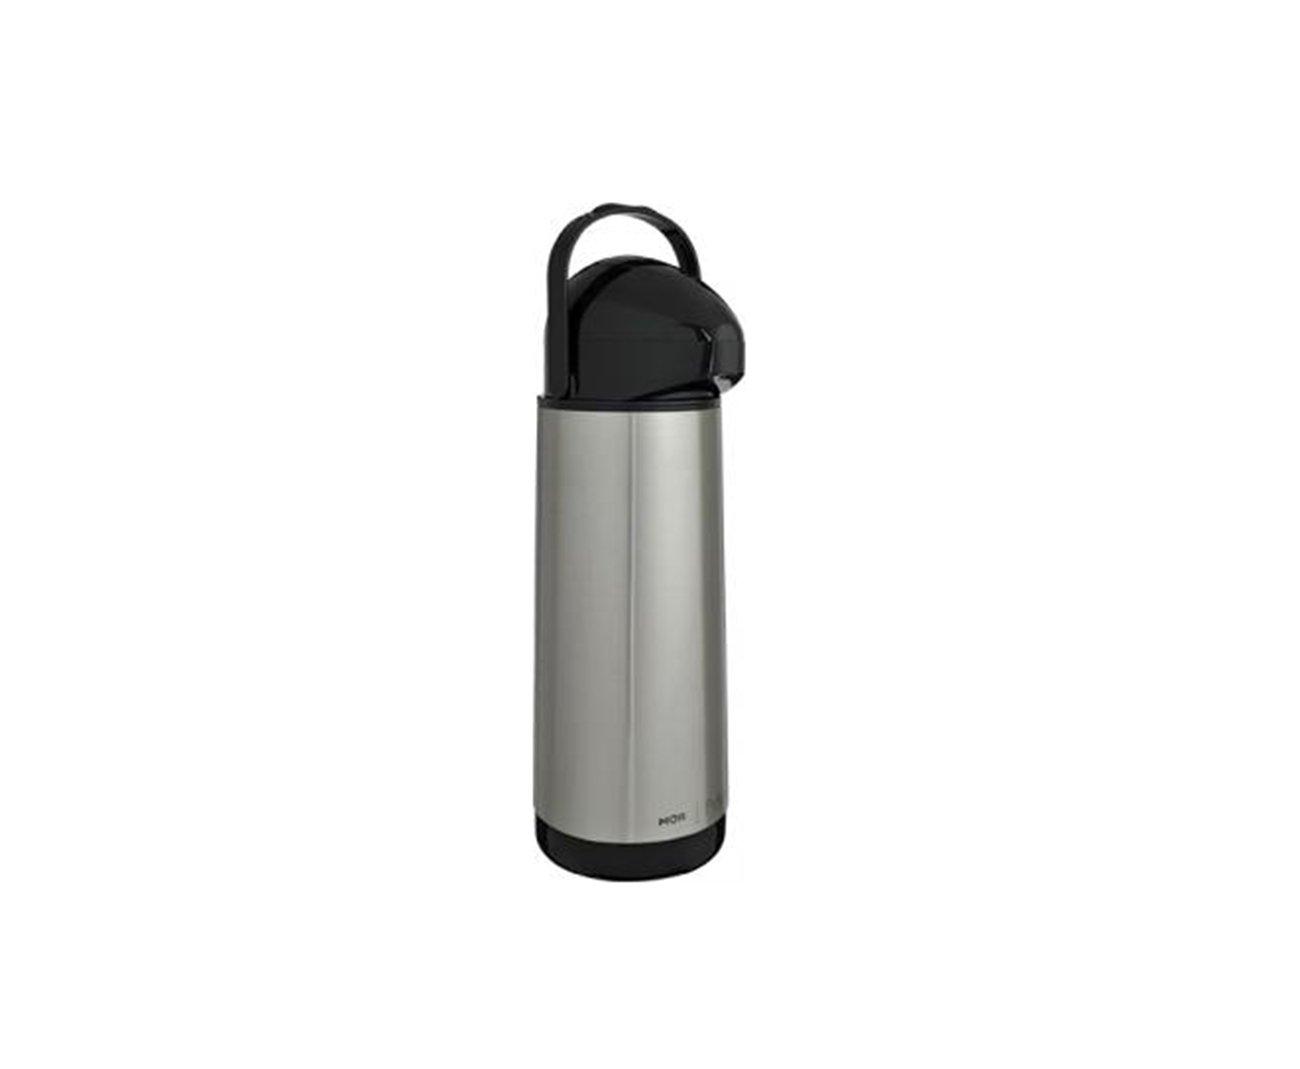 Garrafa Térmica Inox Pressione 1,9 Litros - Mor